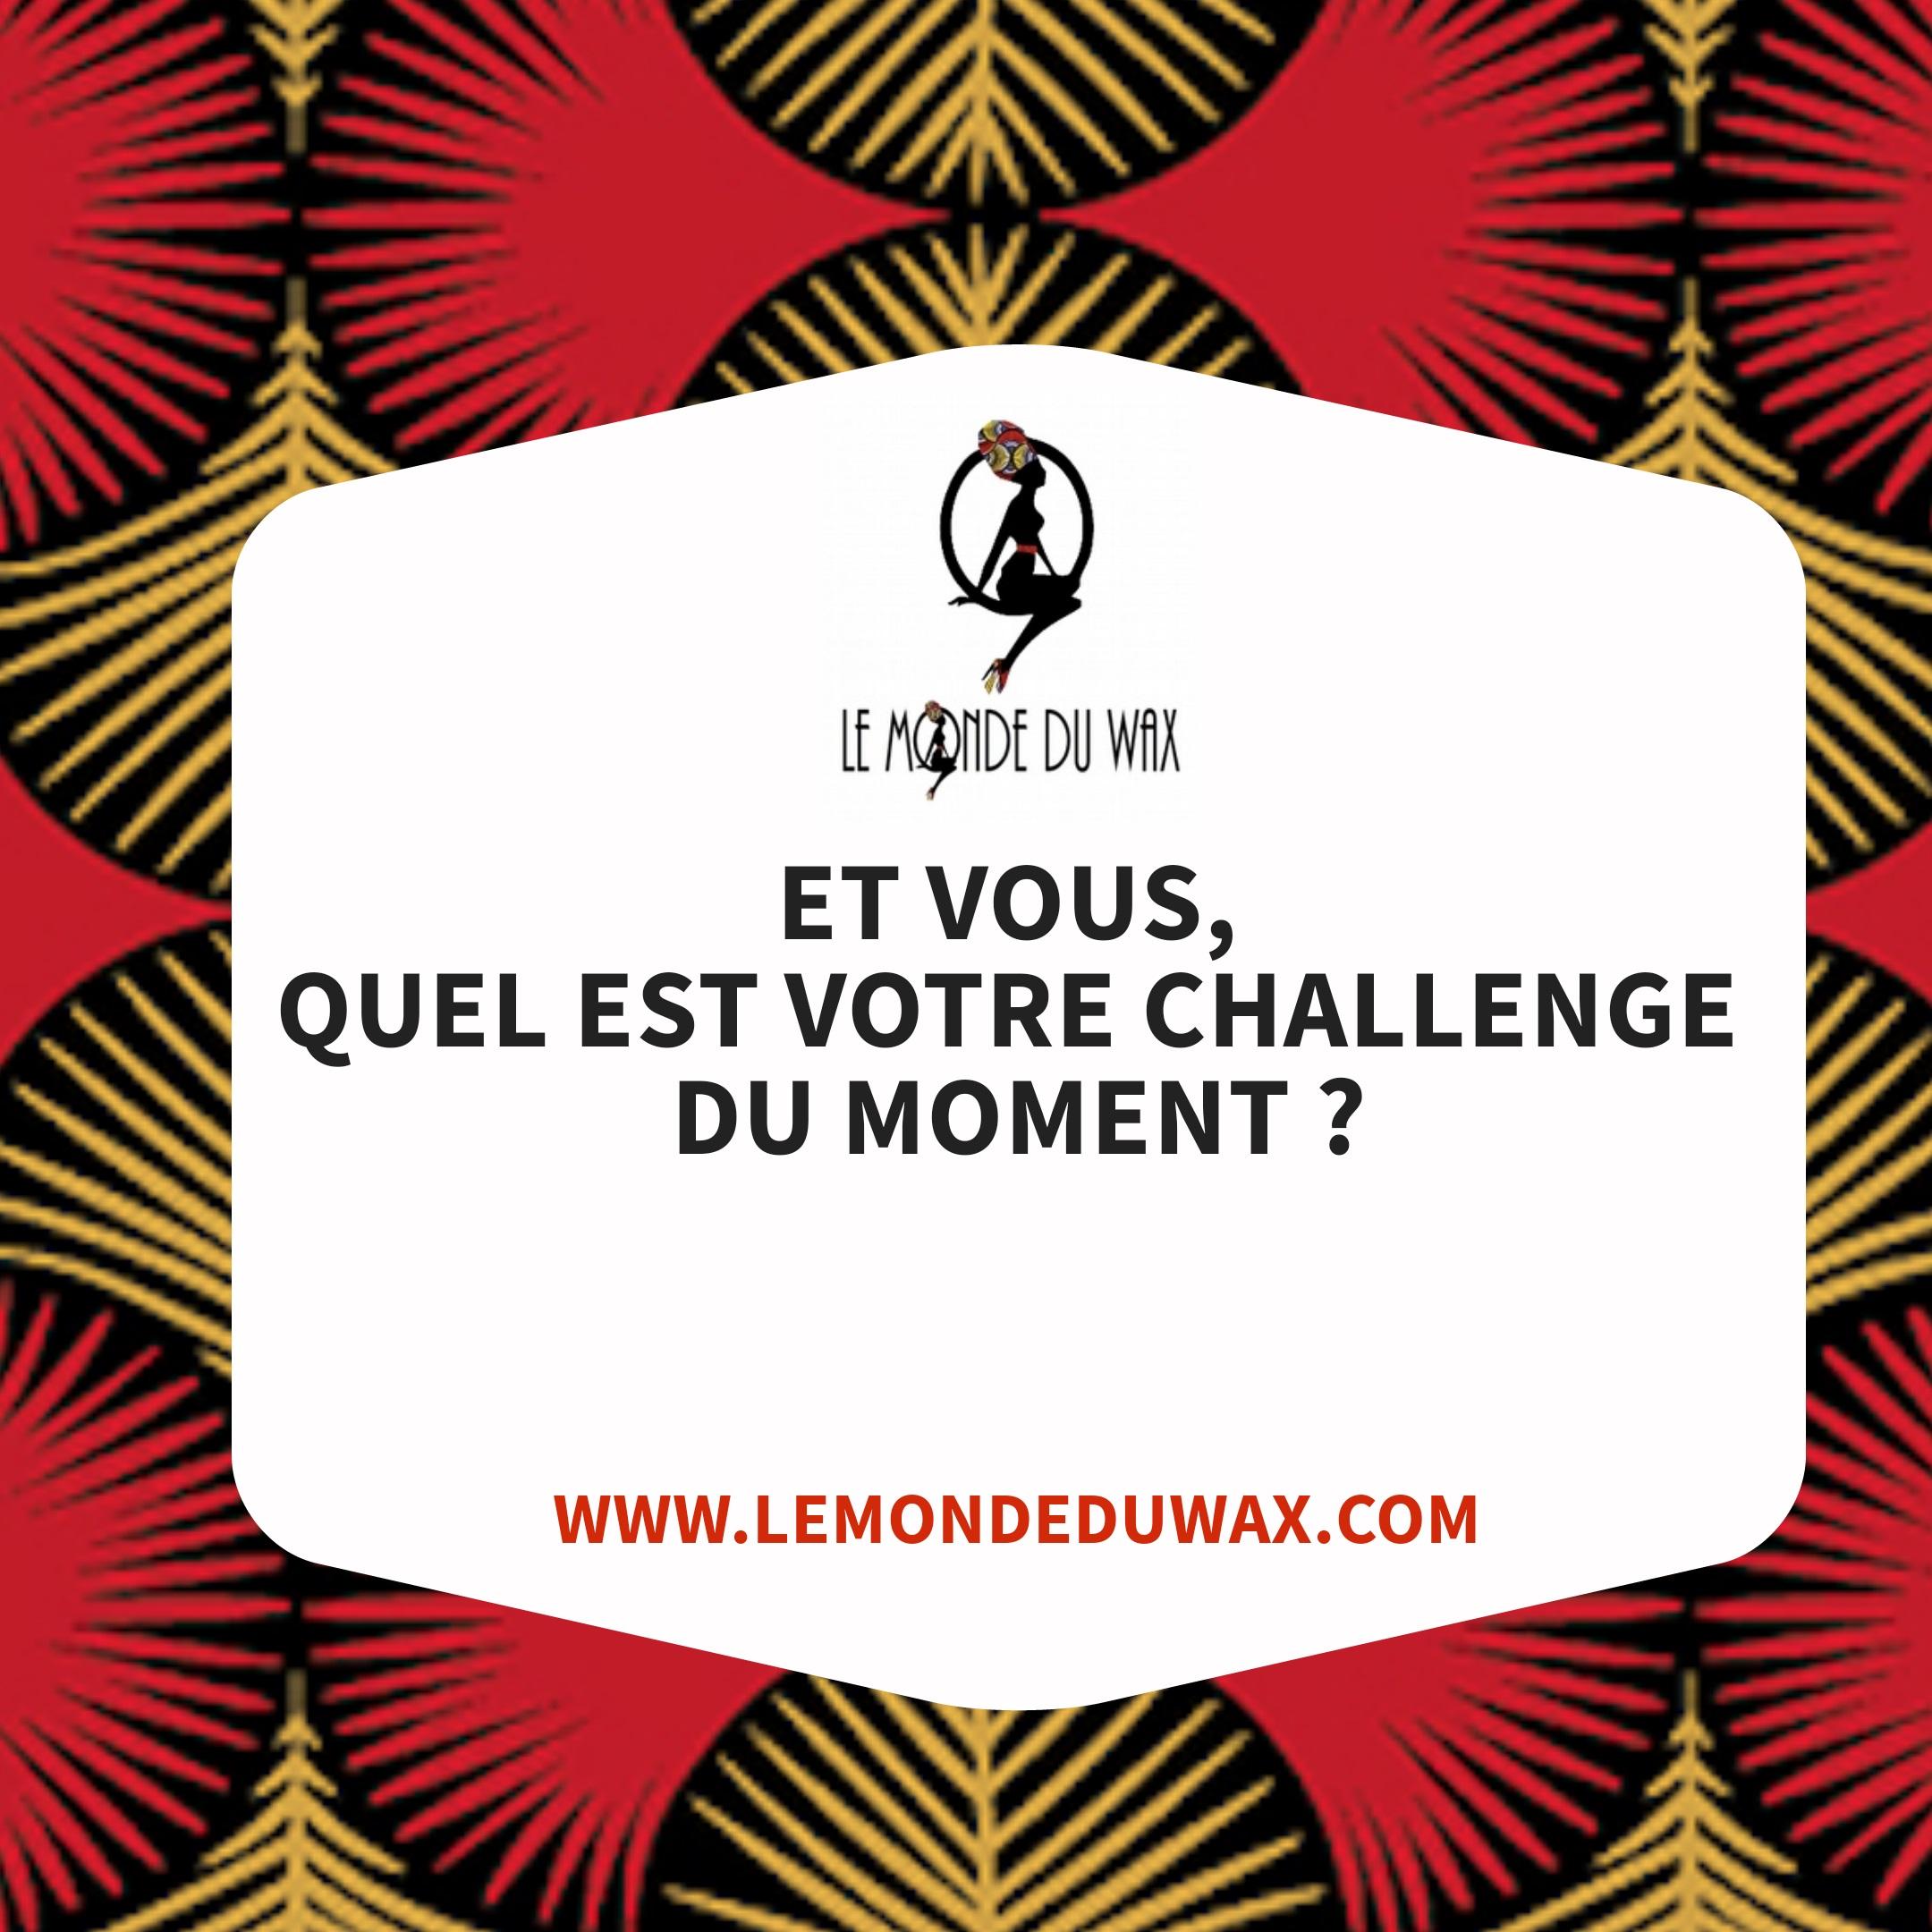 Confinement : Quel est votre challenge du moment ?